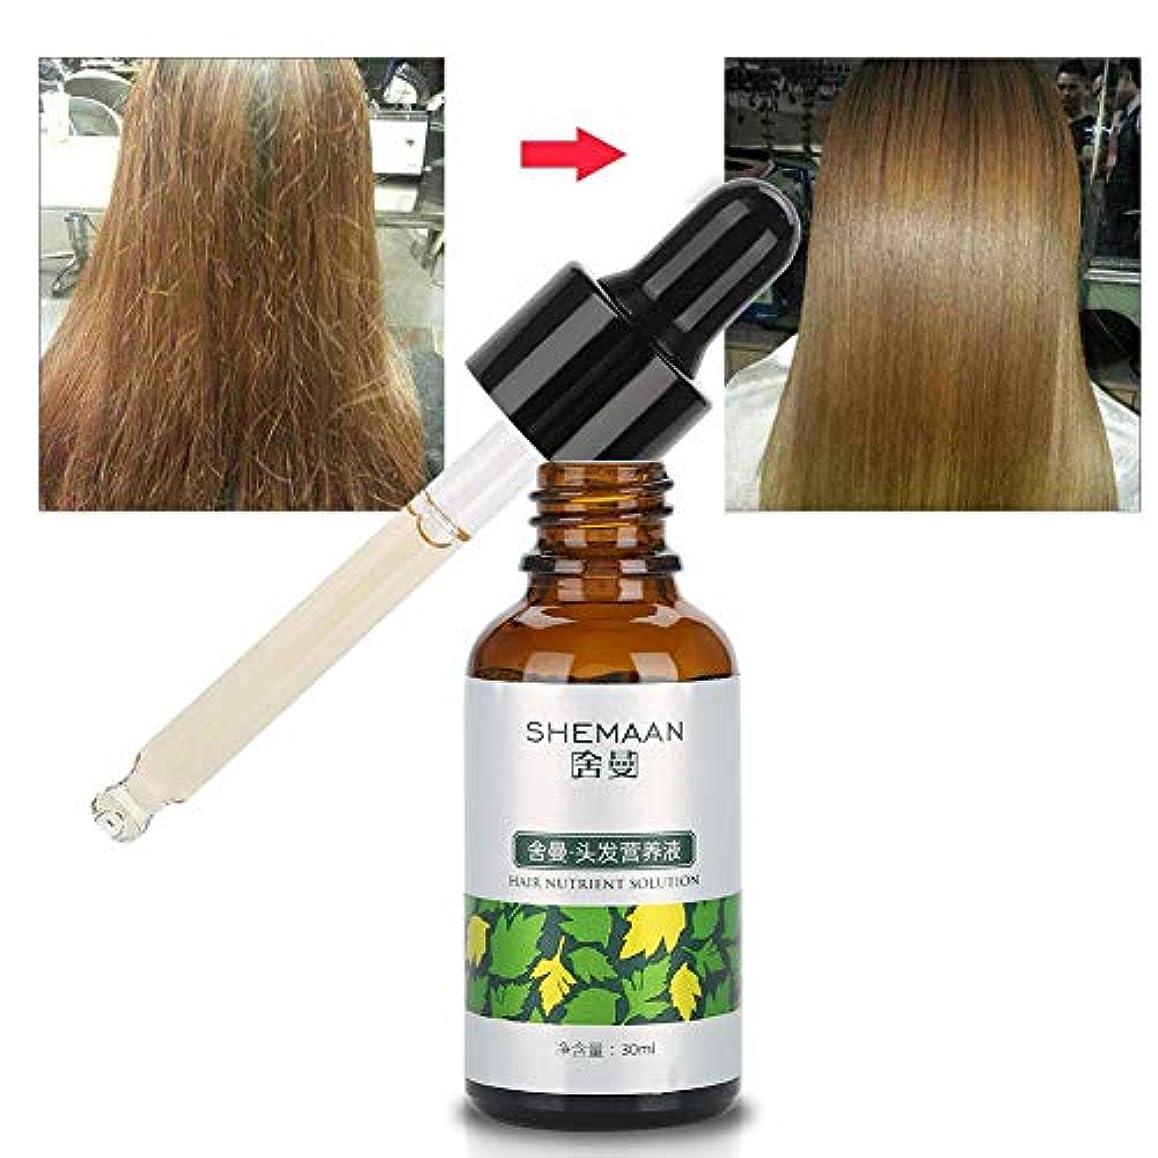 スライス有害な断線オイルヘア製品、30mlユニセックスセラムにより、髪を滑らかで柔らかく、明るい髪にします。髪のもつれや枝毛を減らします。